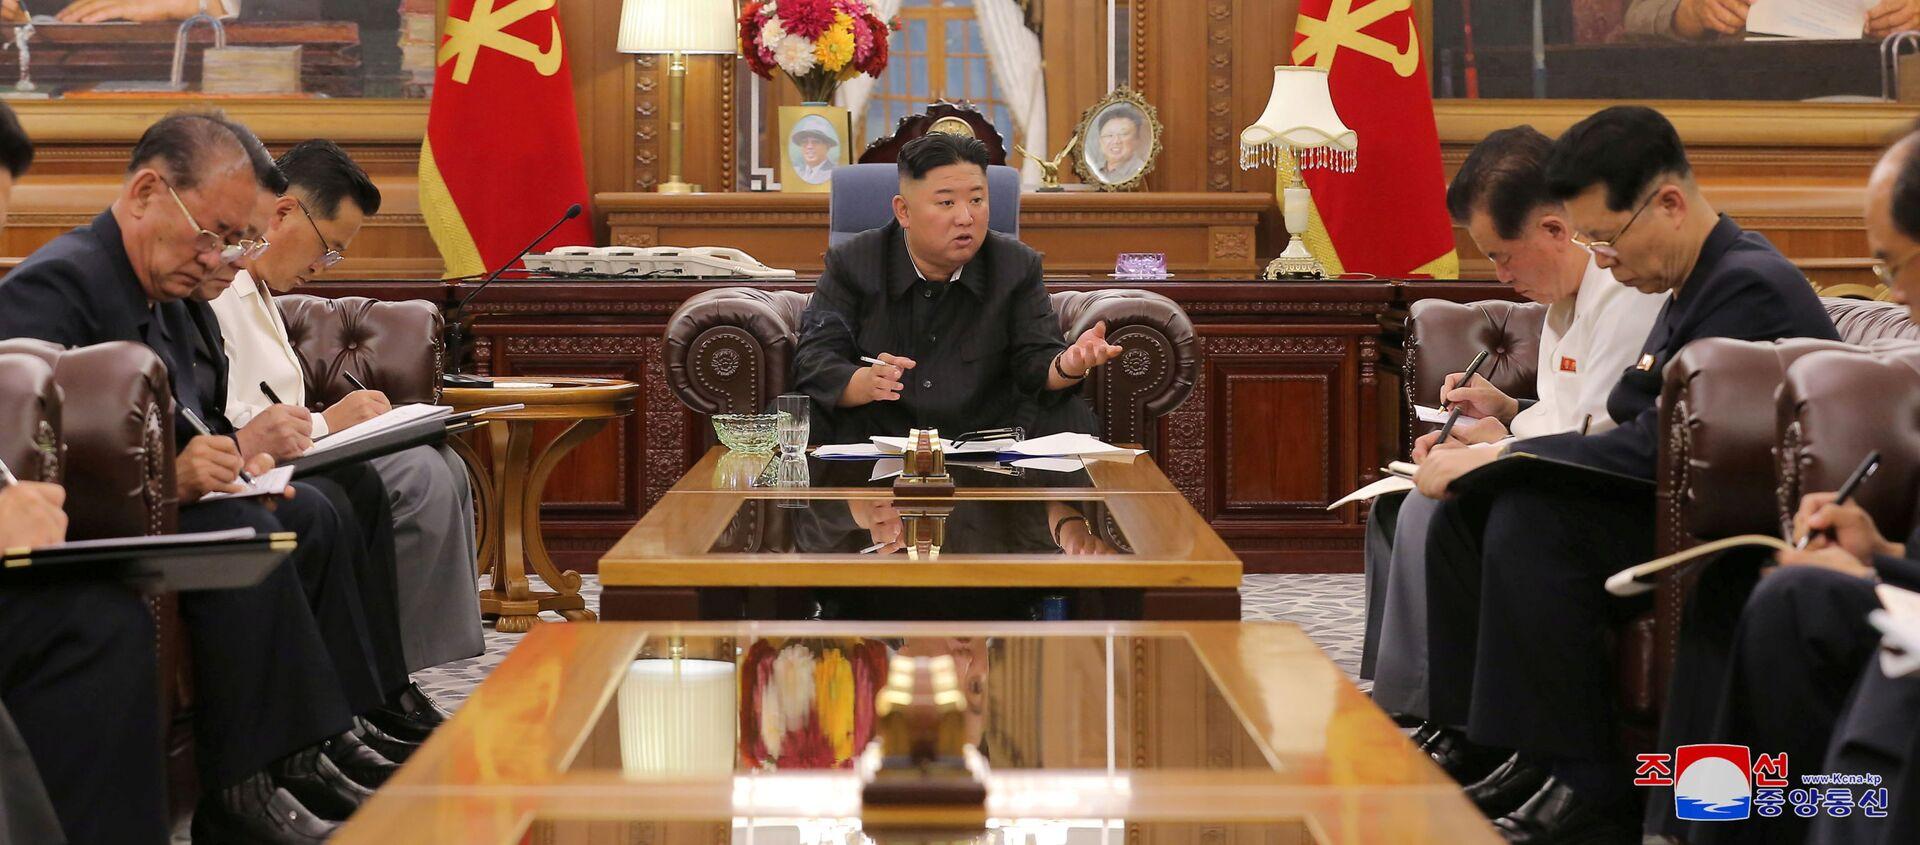 Nhà lãnh đạo Triều Tiên Kim Jong-un trong cuộc gặp với các quan chức cấp cao. - Sputnik Việt Nam, 1920, 10.06.2021